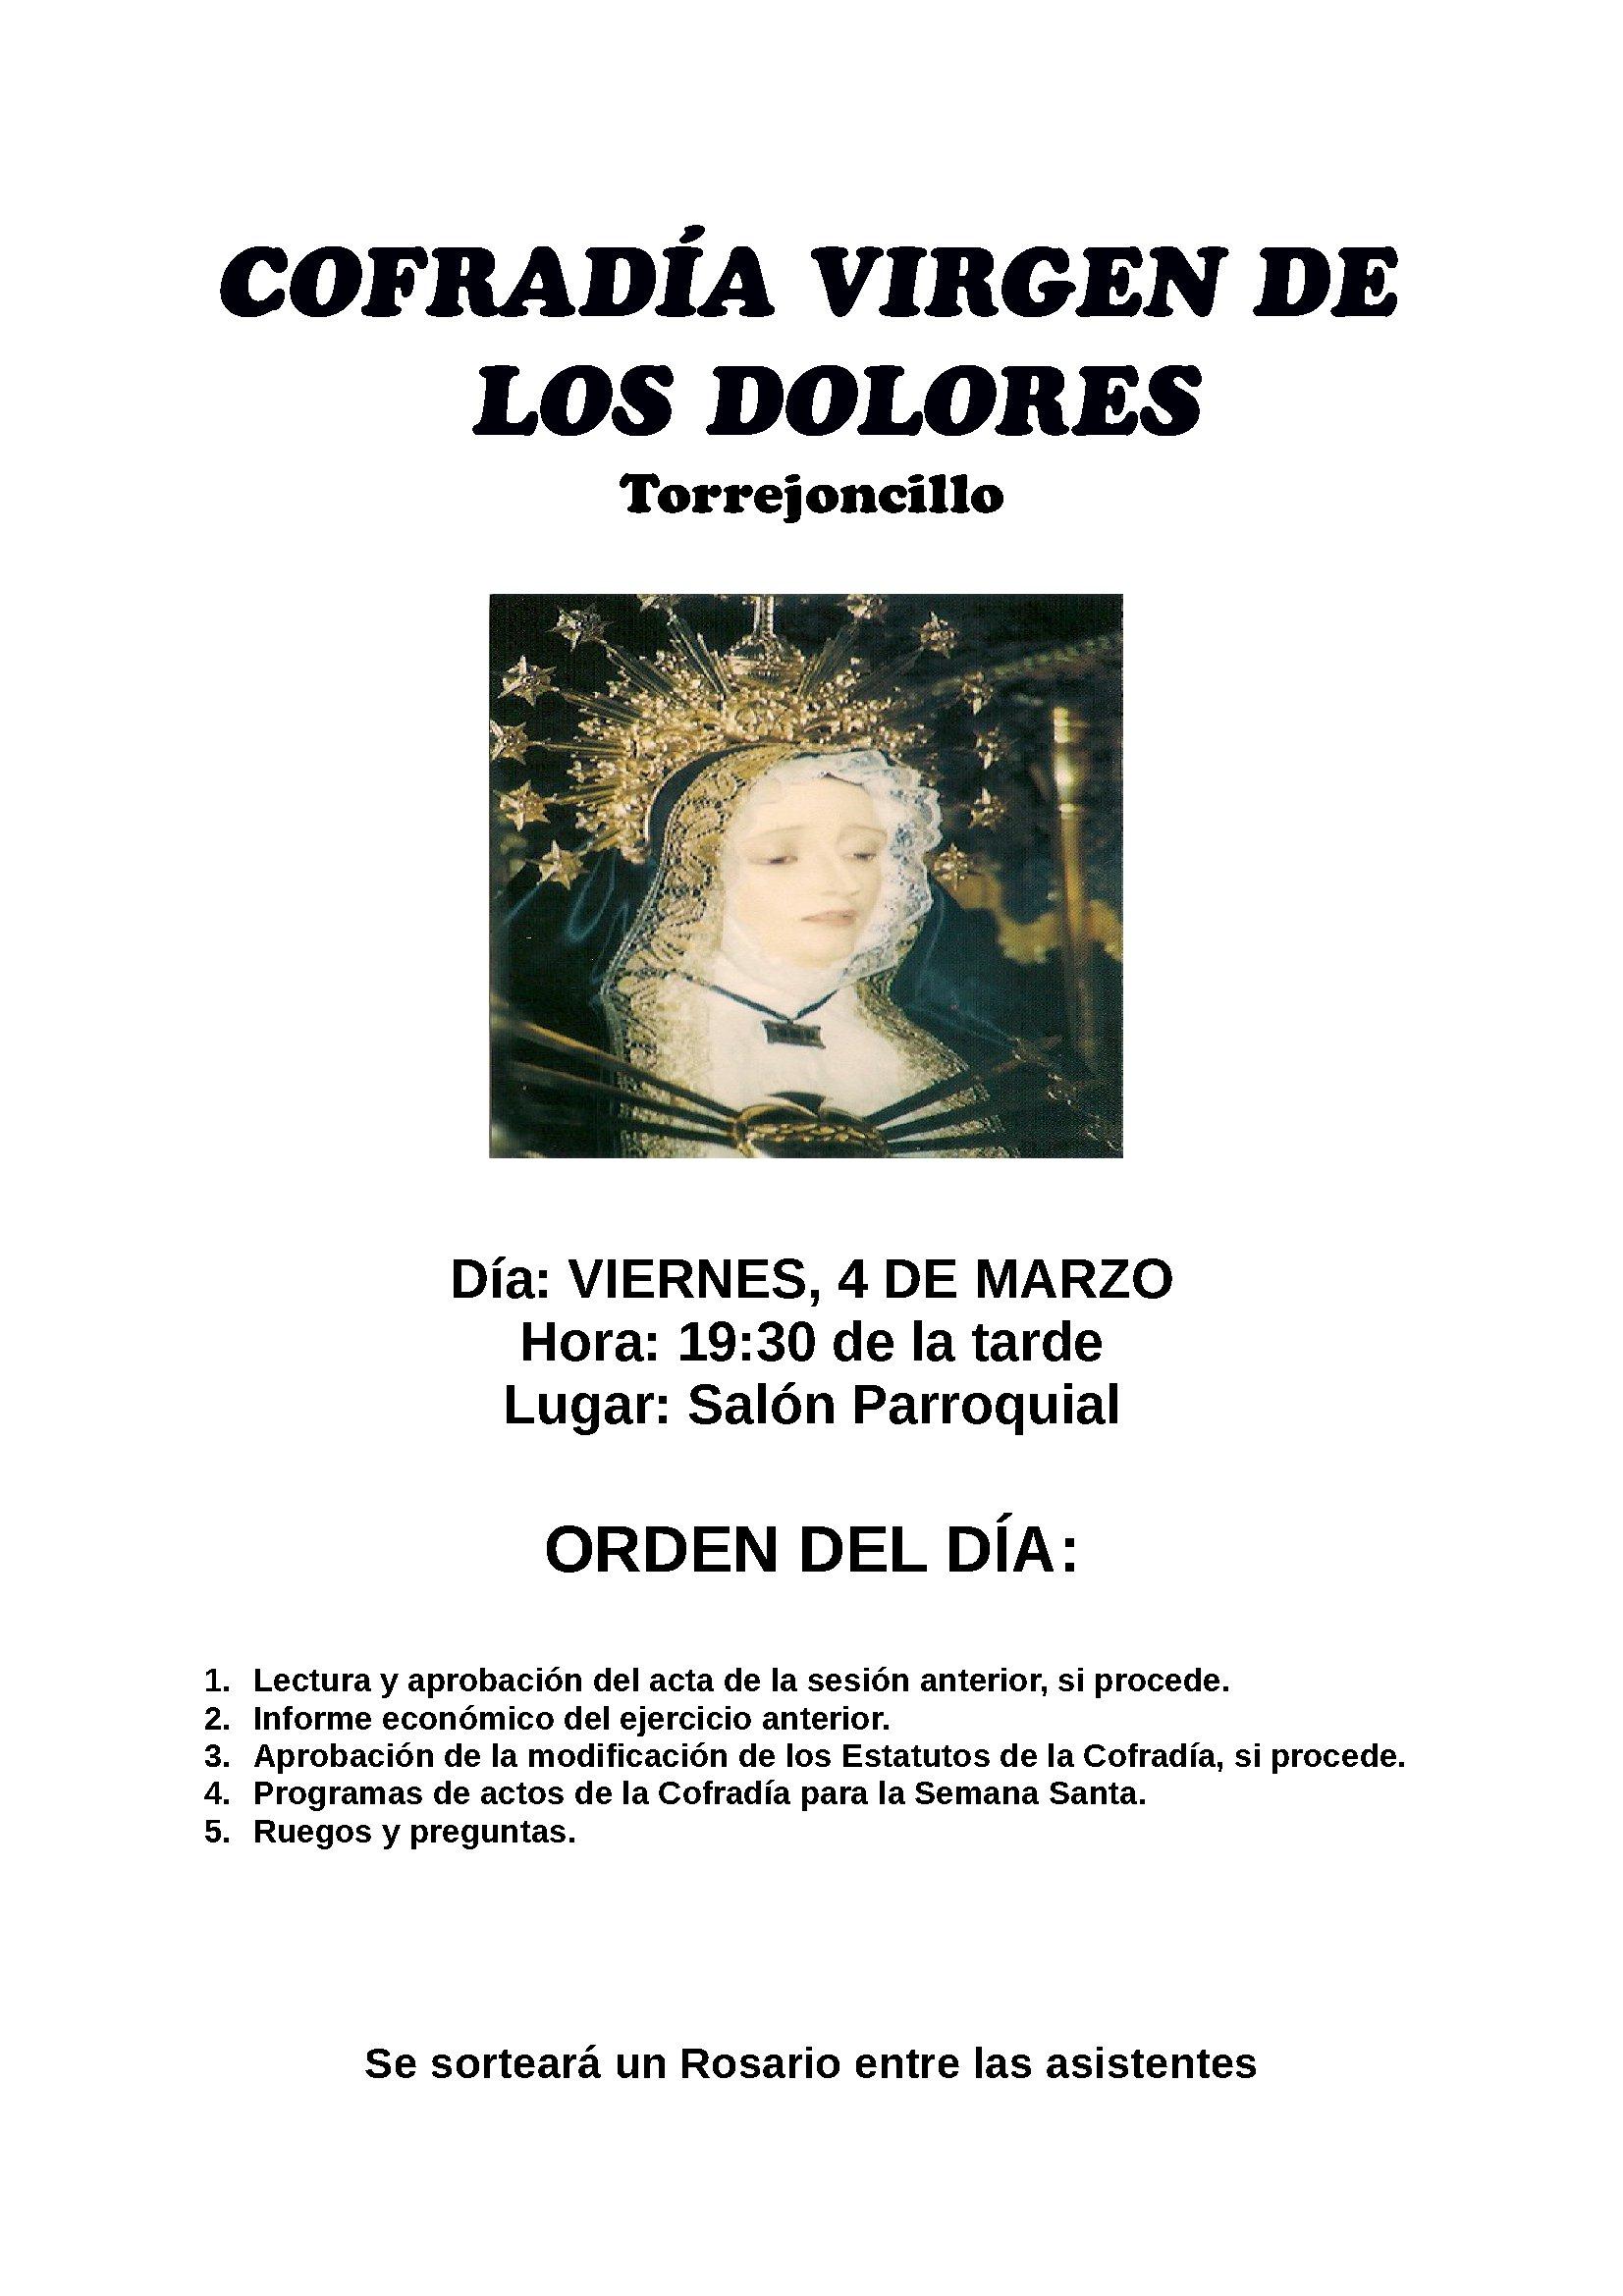 Asamblea Virgen de los Dolores